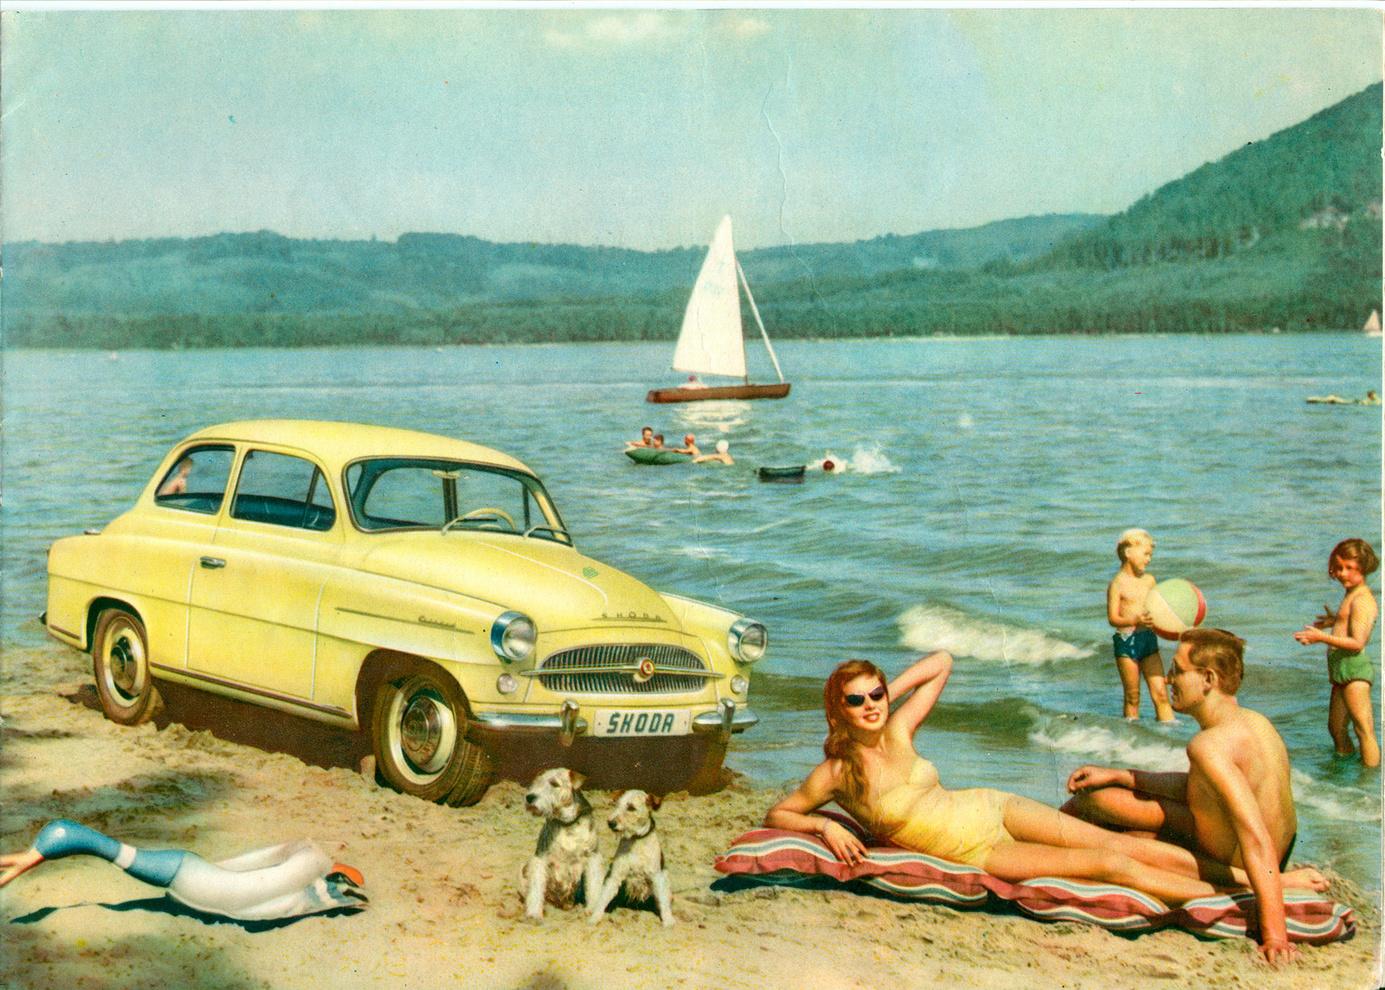 Постеры Skoda Octavia, фото 1